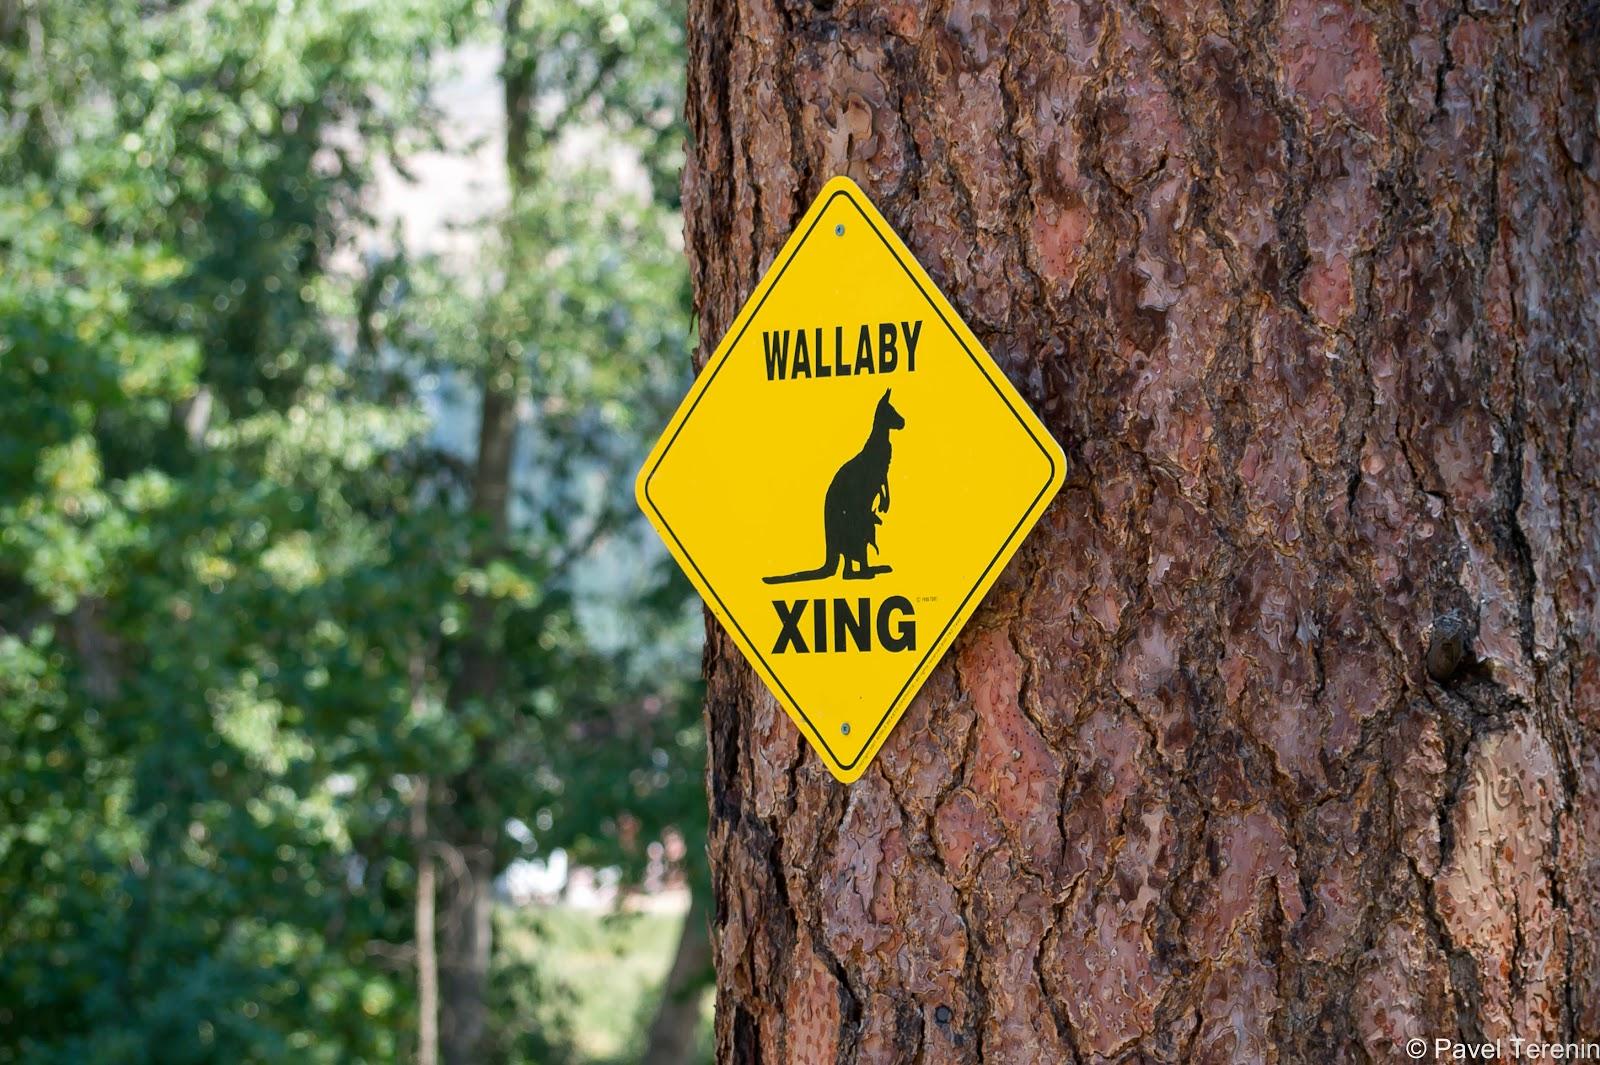 Выходцам из Австралии так хотелось привнести кусочек родины на канадскую землю, что они подумали, почему бы не разводить кенгуру здесь в Келоуне.